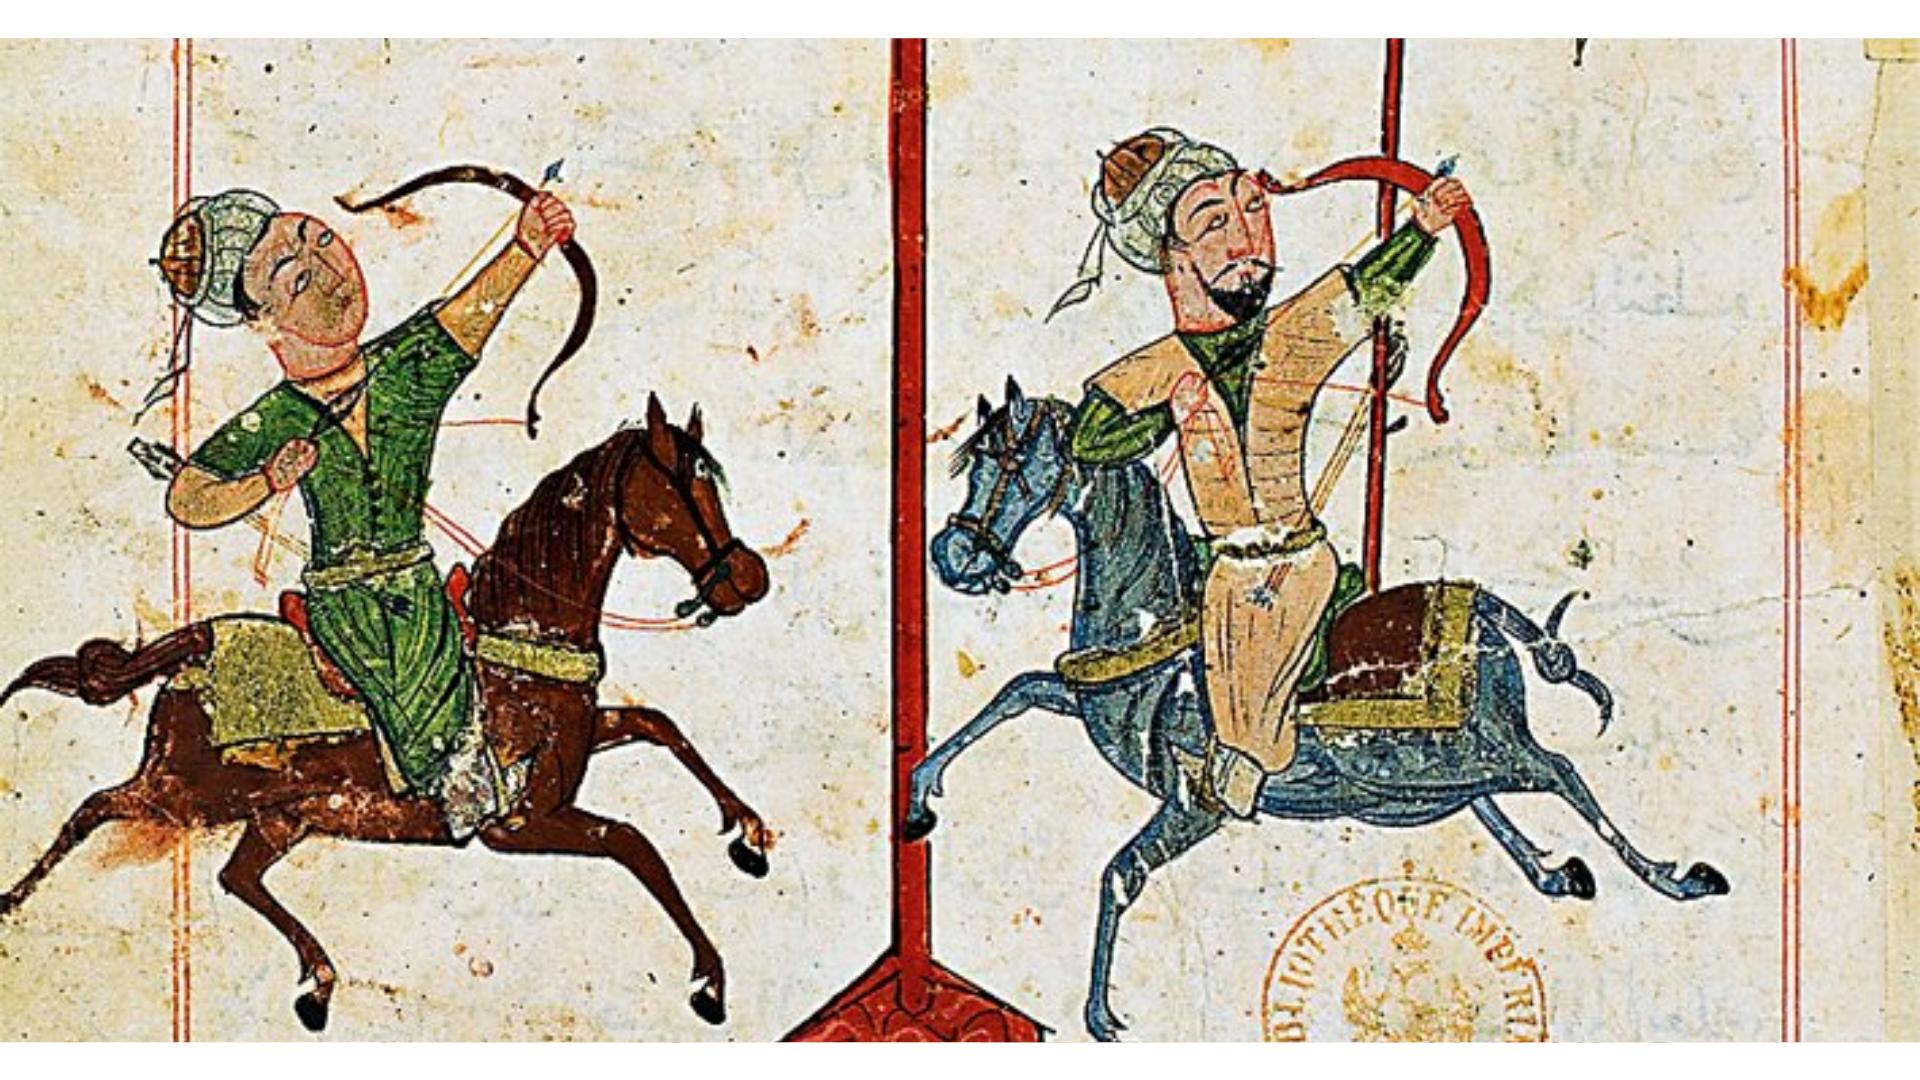 İslam ansiklopesi maddesinde eski türklerde at üstünde okçuluk yapan adamların görseli.